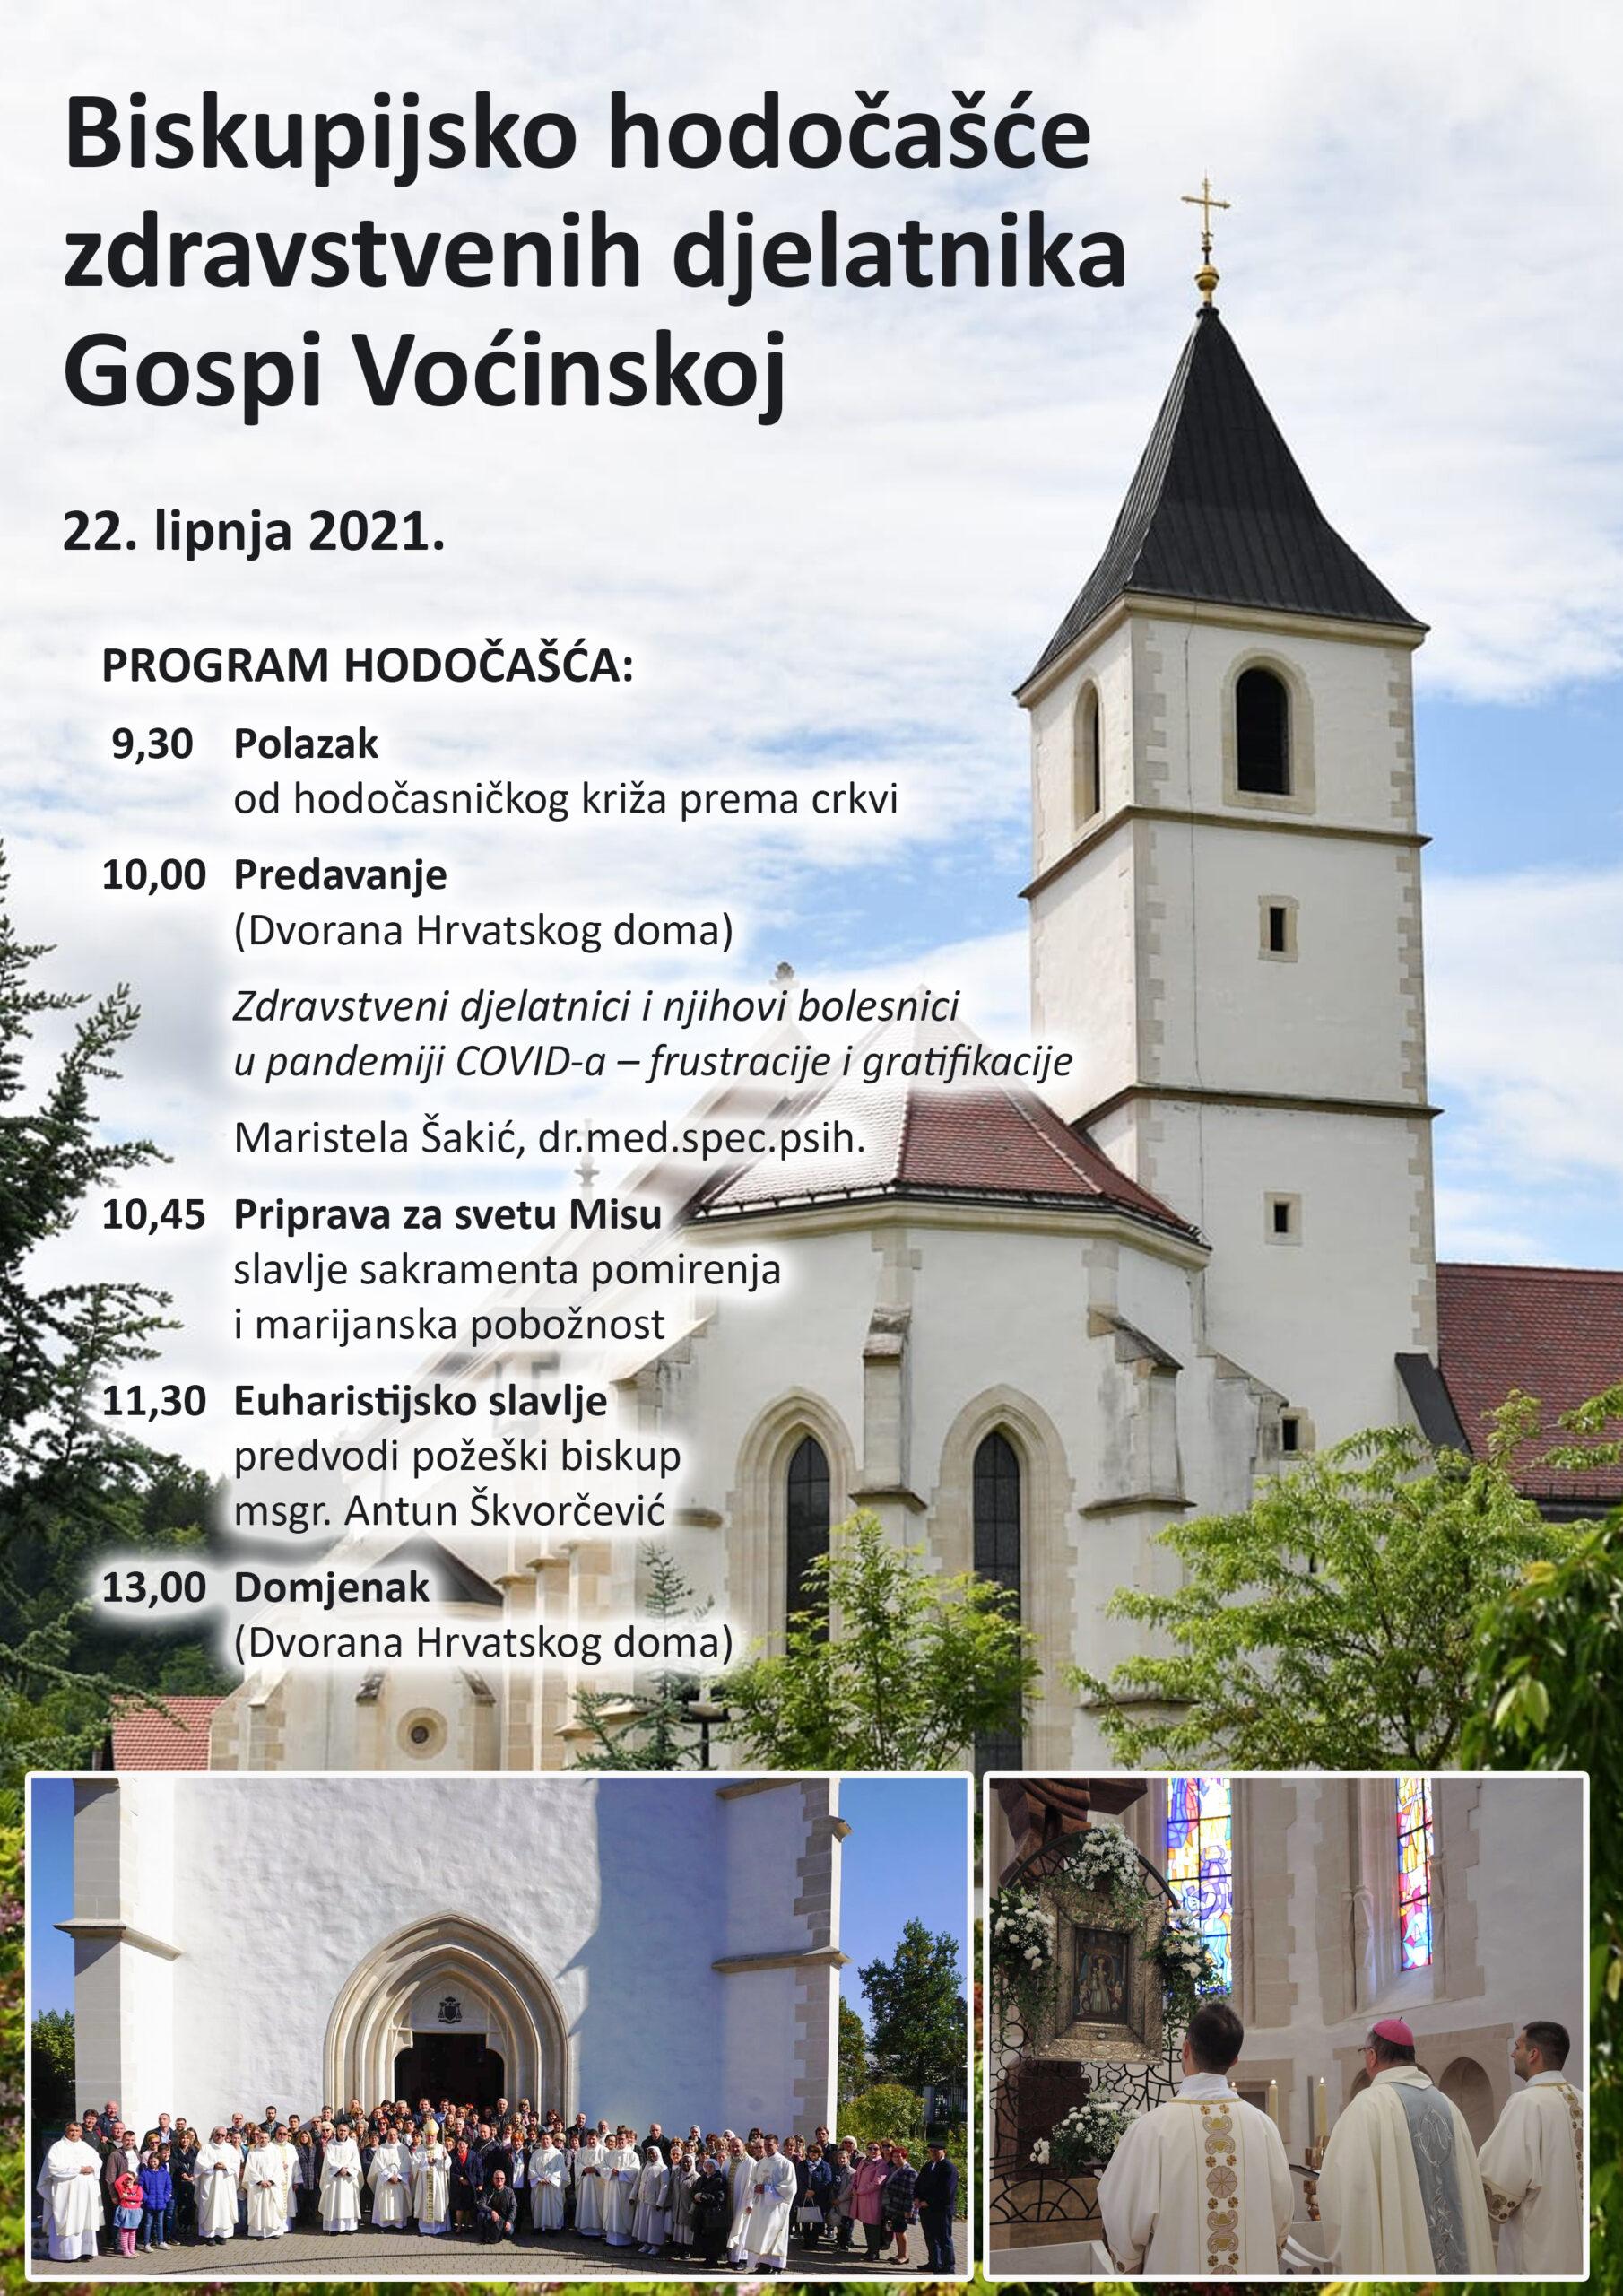 2021.06.22. - zdravstveni djelatnici - Vocin - PLAKAT